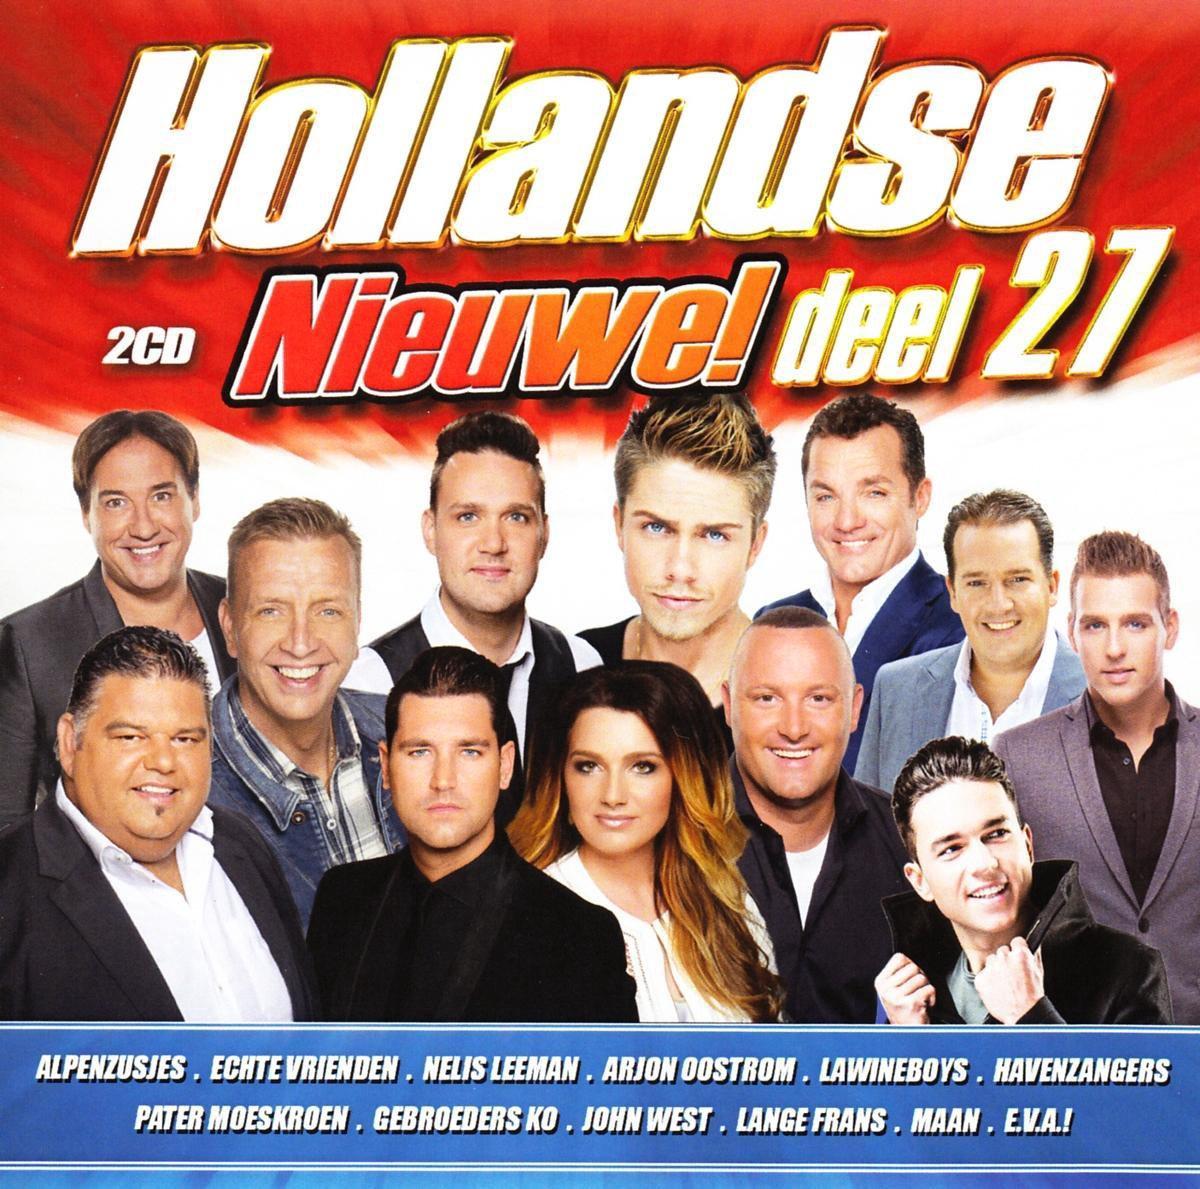 Hollandse Nieuwe Deel 27 (2CD) - various artists